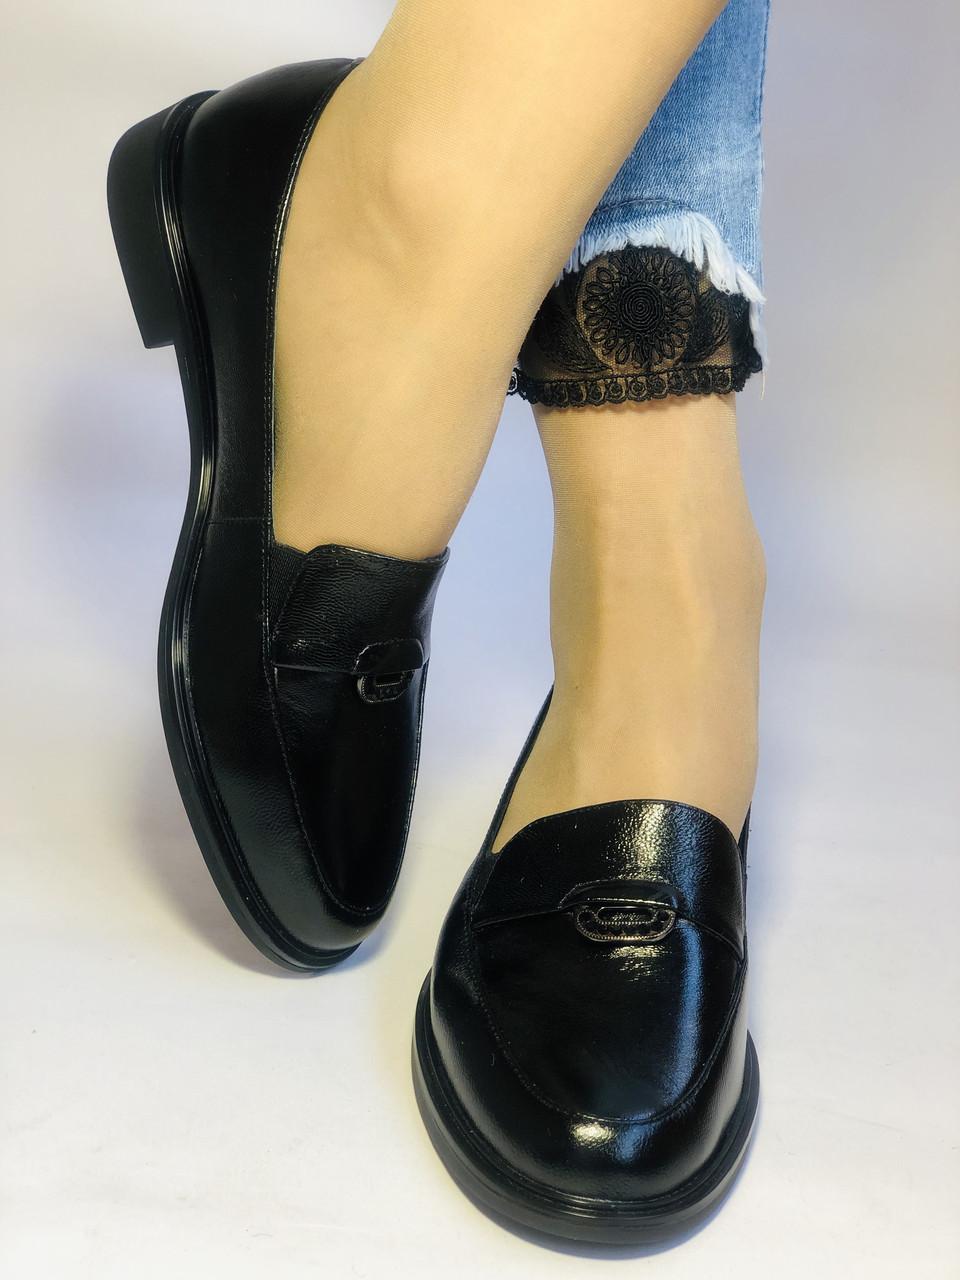 Molka. Жіночі туфлі-лофери.Чорні з натуральної шкіри Розмір 38.40 Магазин Vellena